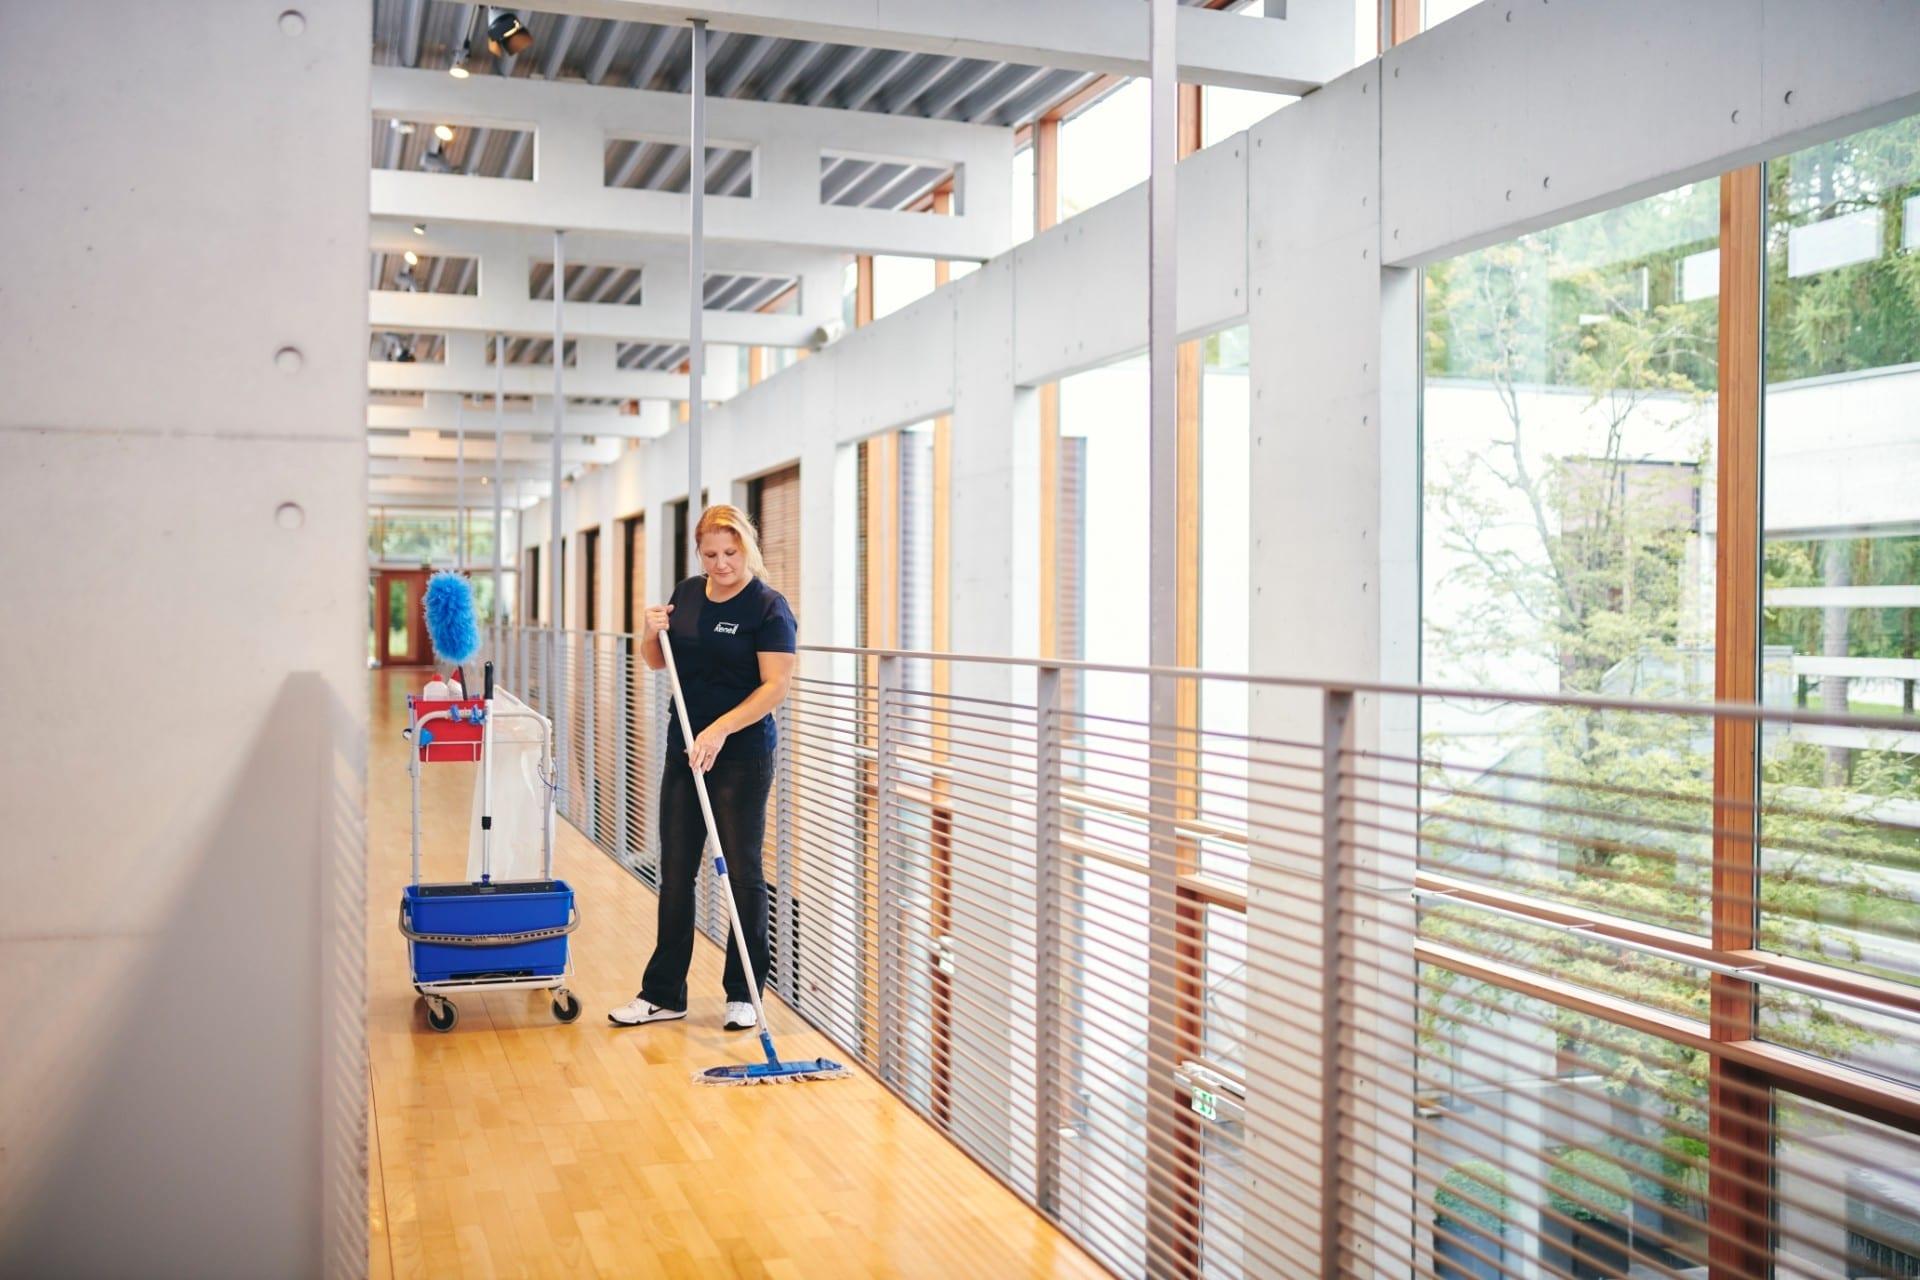 Renell-medarbejder vasker gulv med mobbe hos erhvervskunde